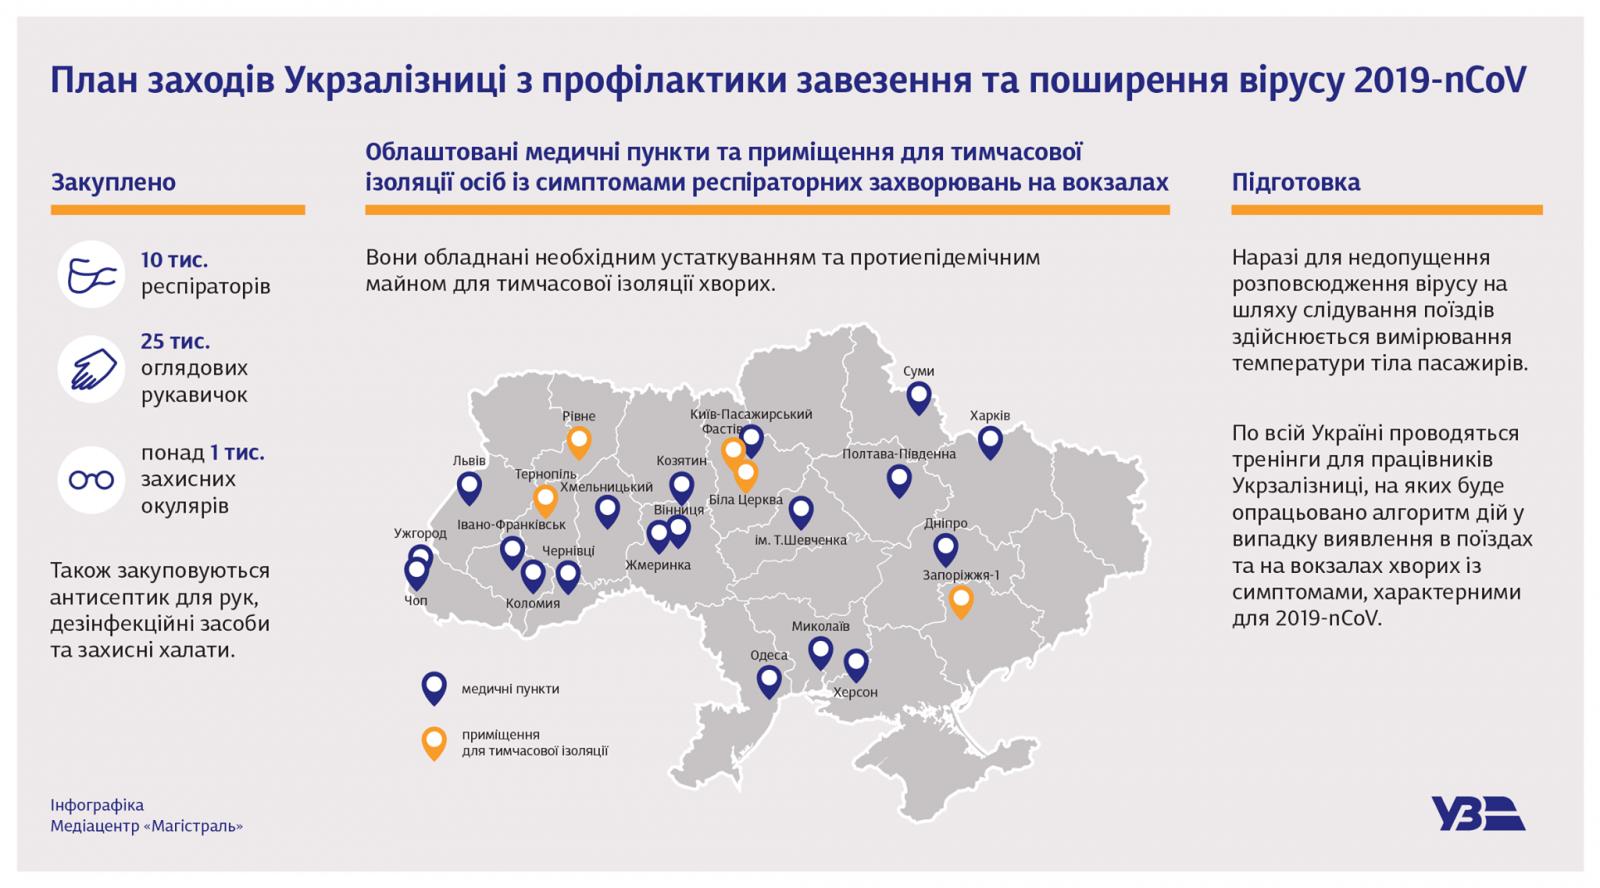 украина, укрзализныця, коронавирус, инфографика